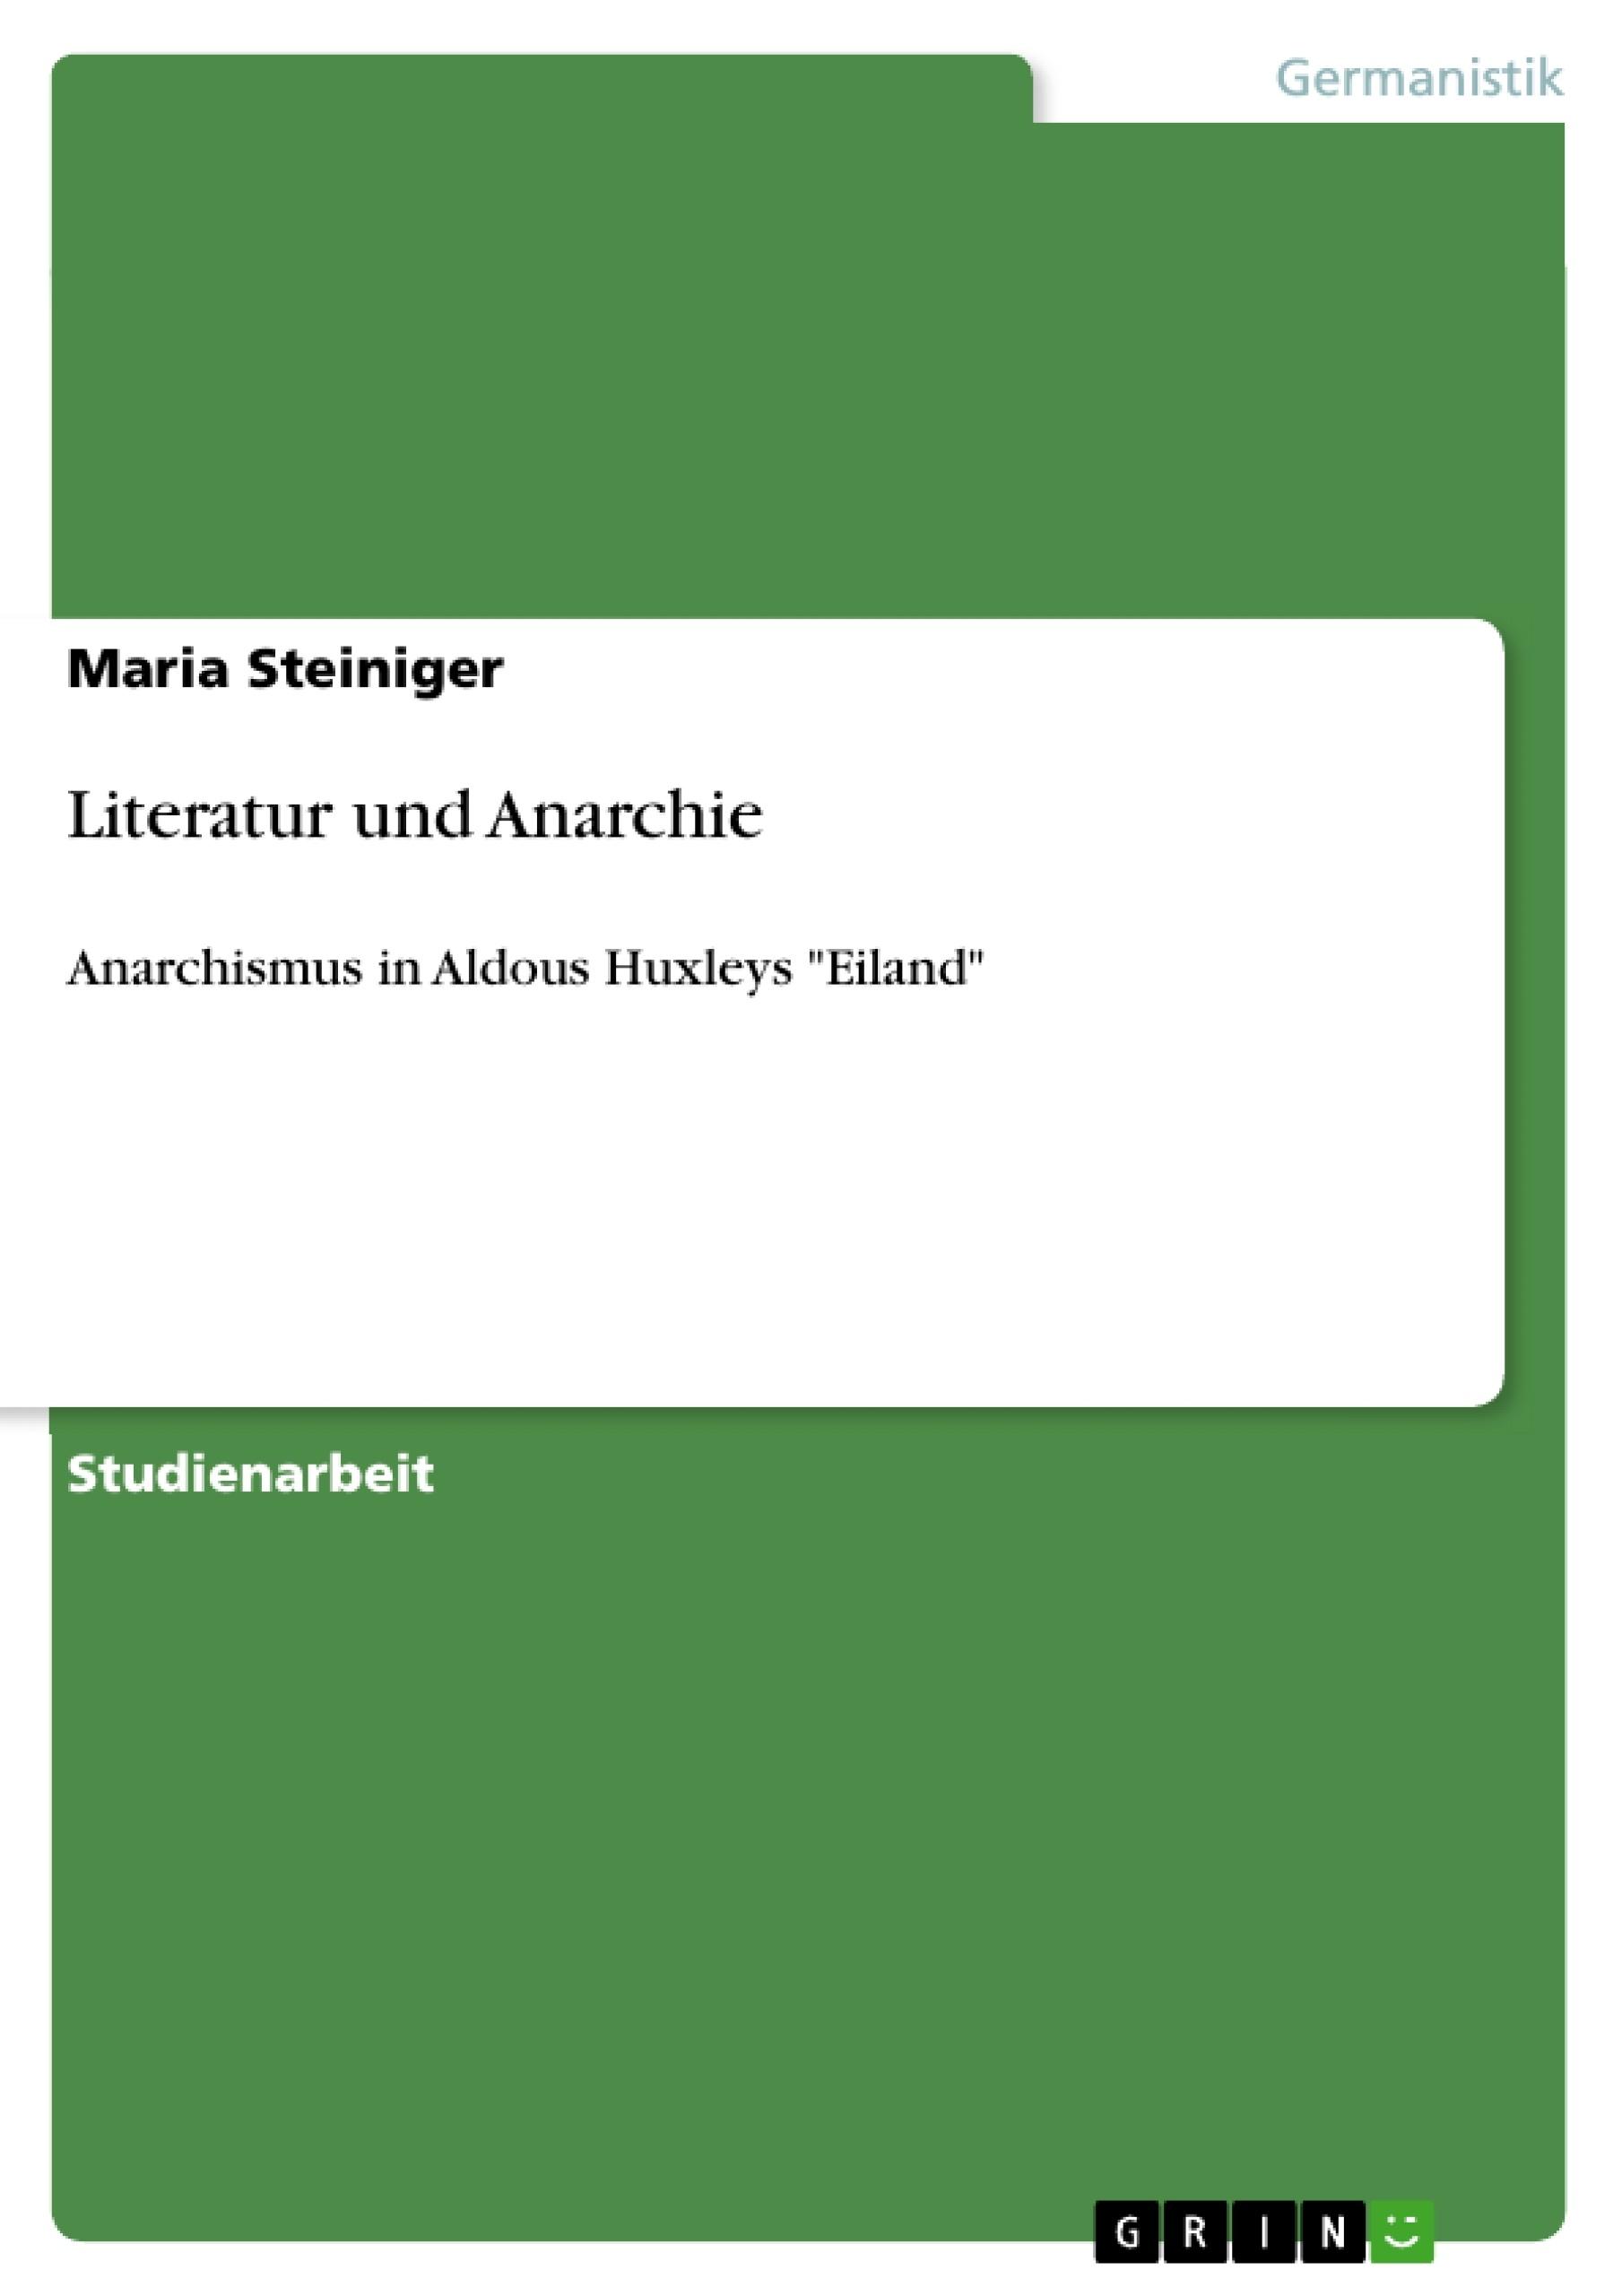 Titel: Literatur und Anarchie